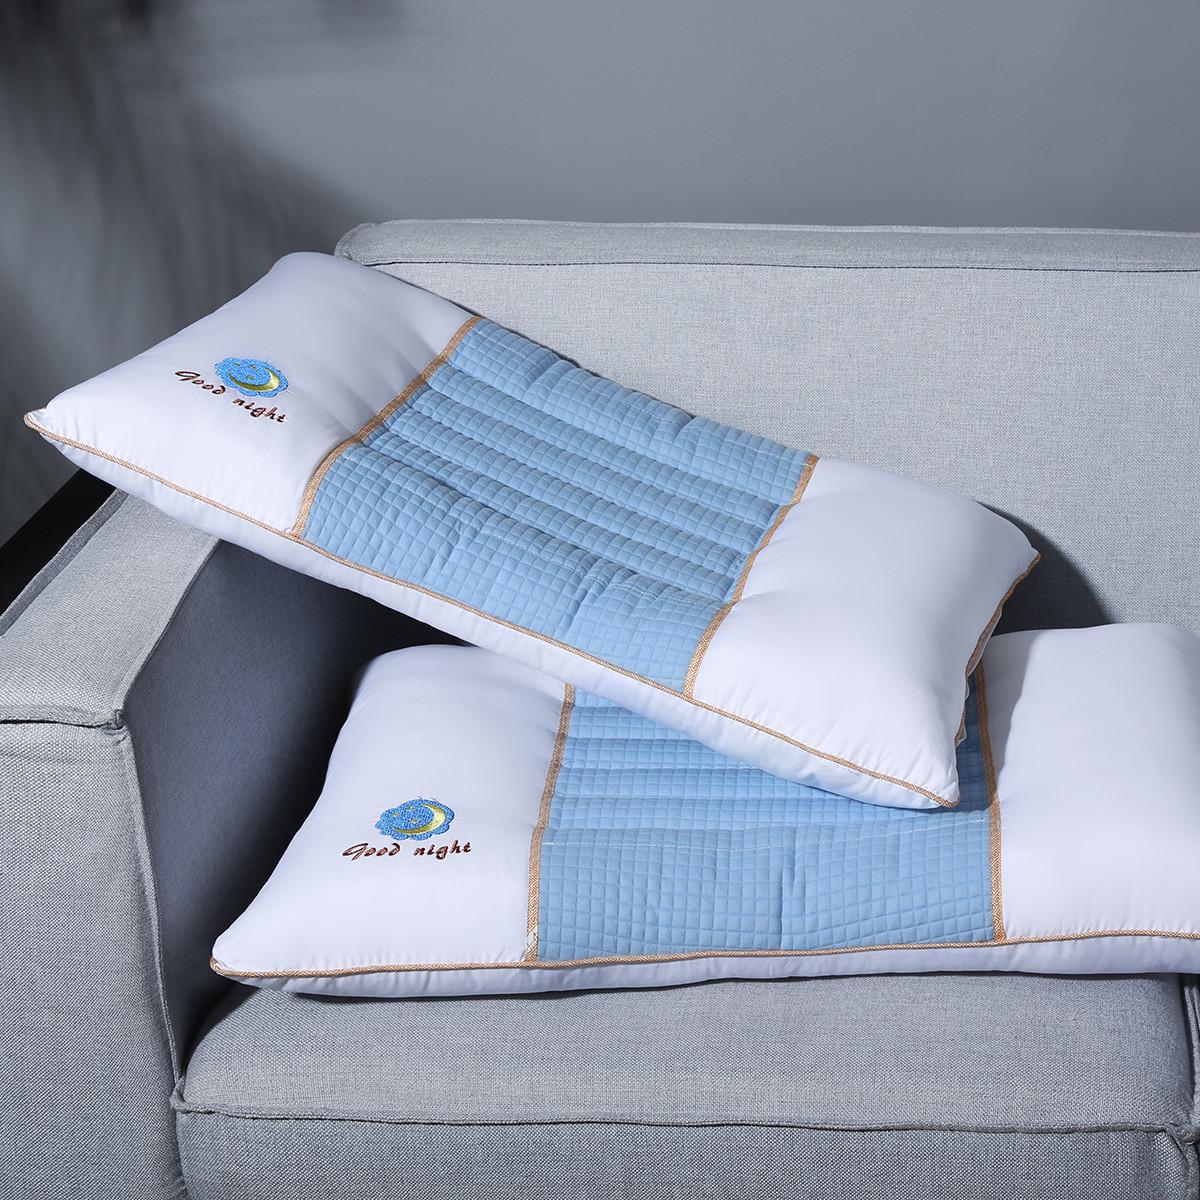 Ramada全棉枕芯床上用品枕头芯决明子枕头护颈椎枕头纯棉枕头枕芯枕头COLOR蓝色